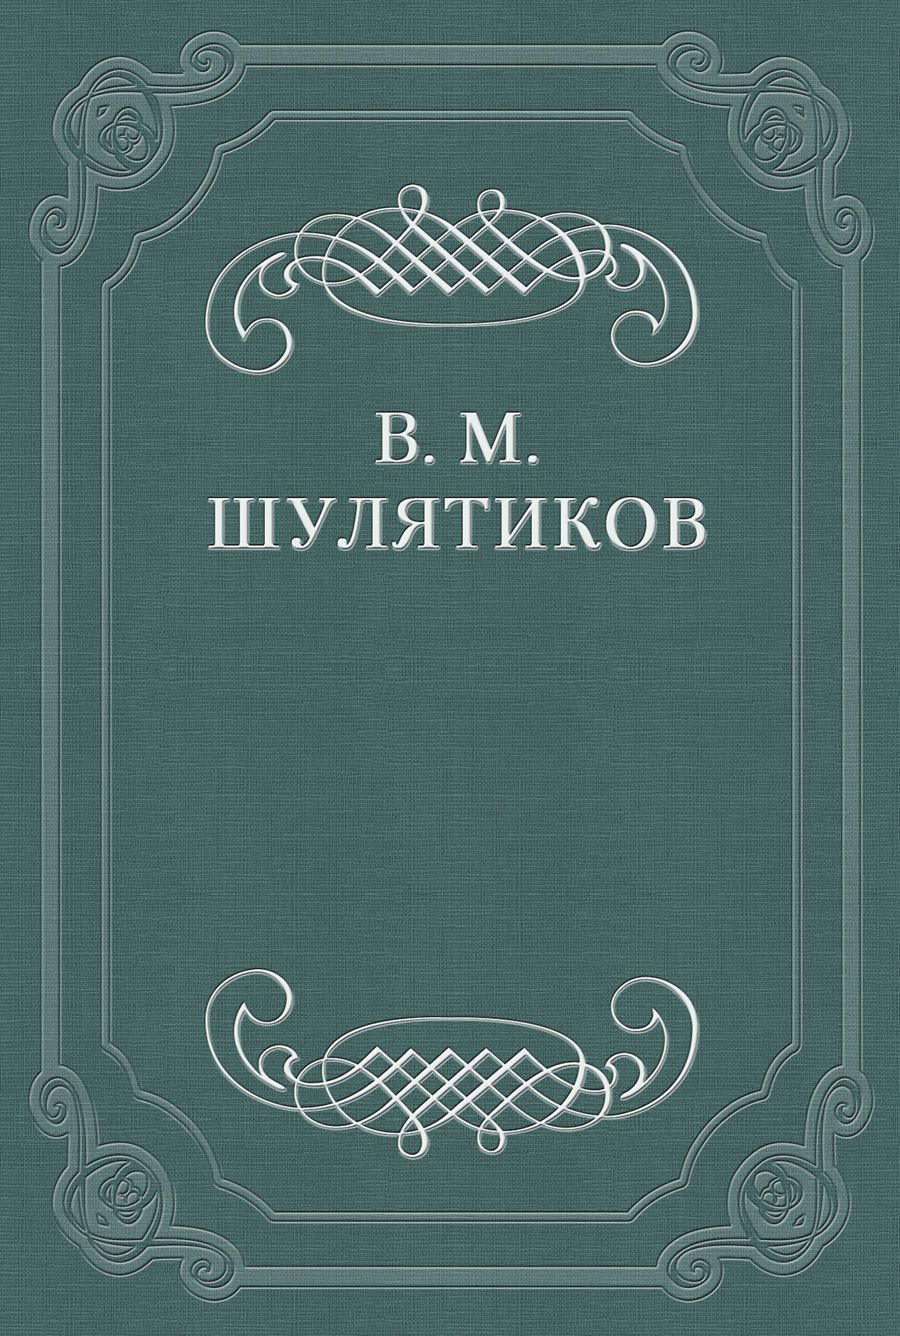 Владимир Михайлович Шулятиков М. Авдеев цена